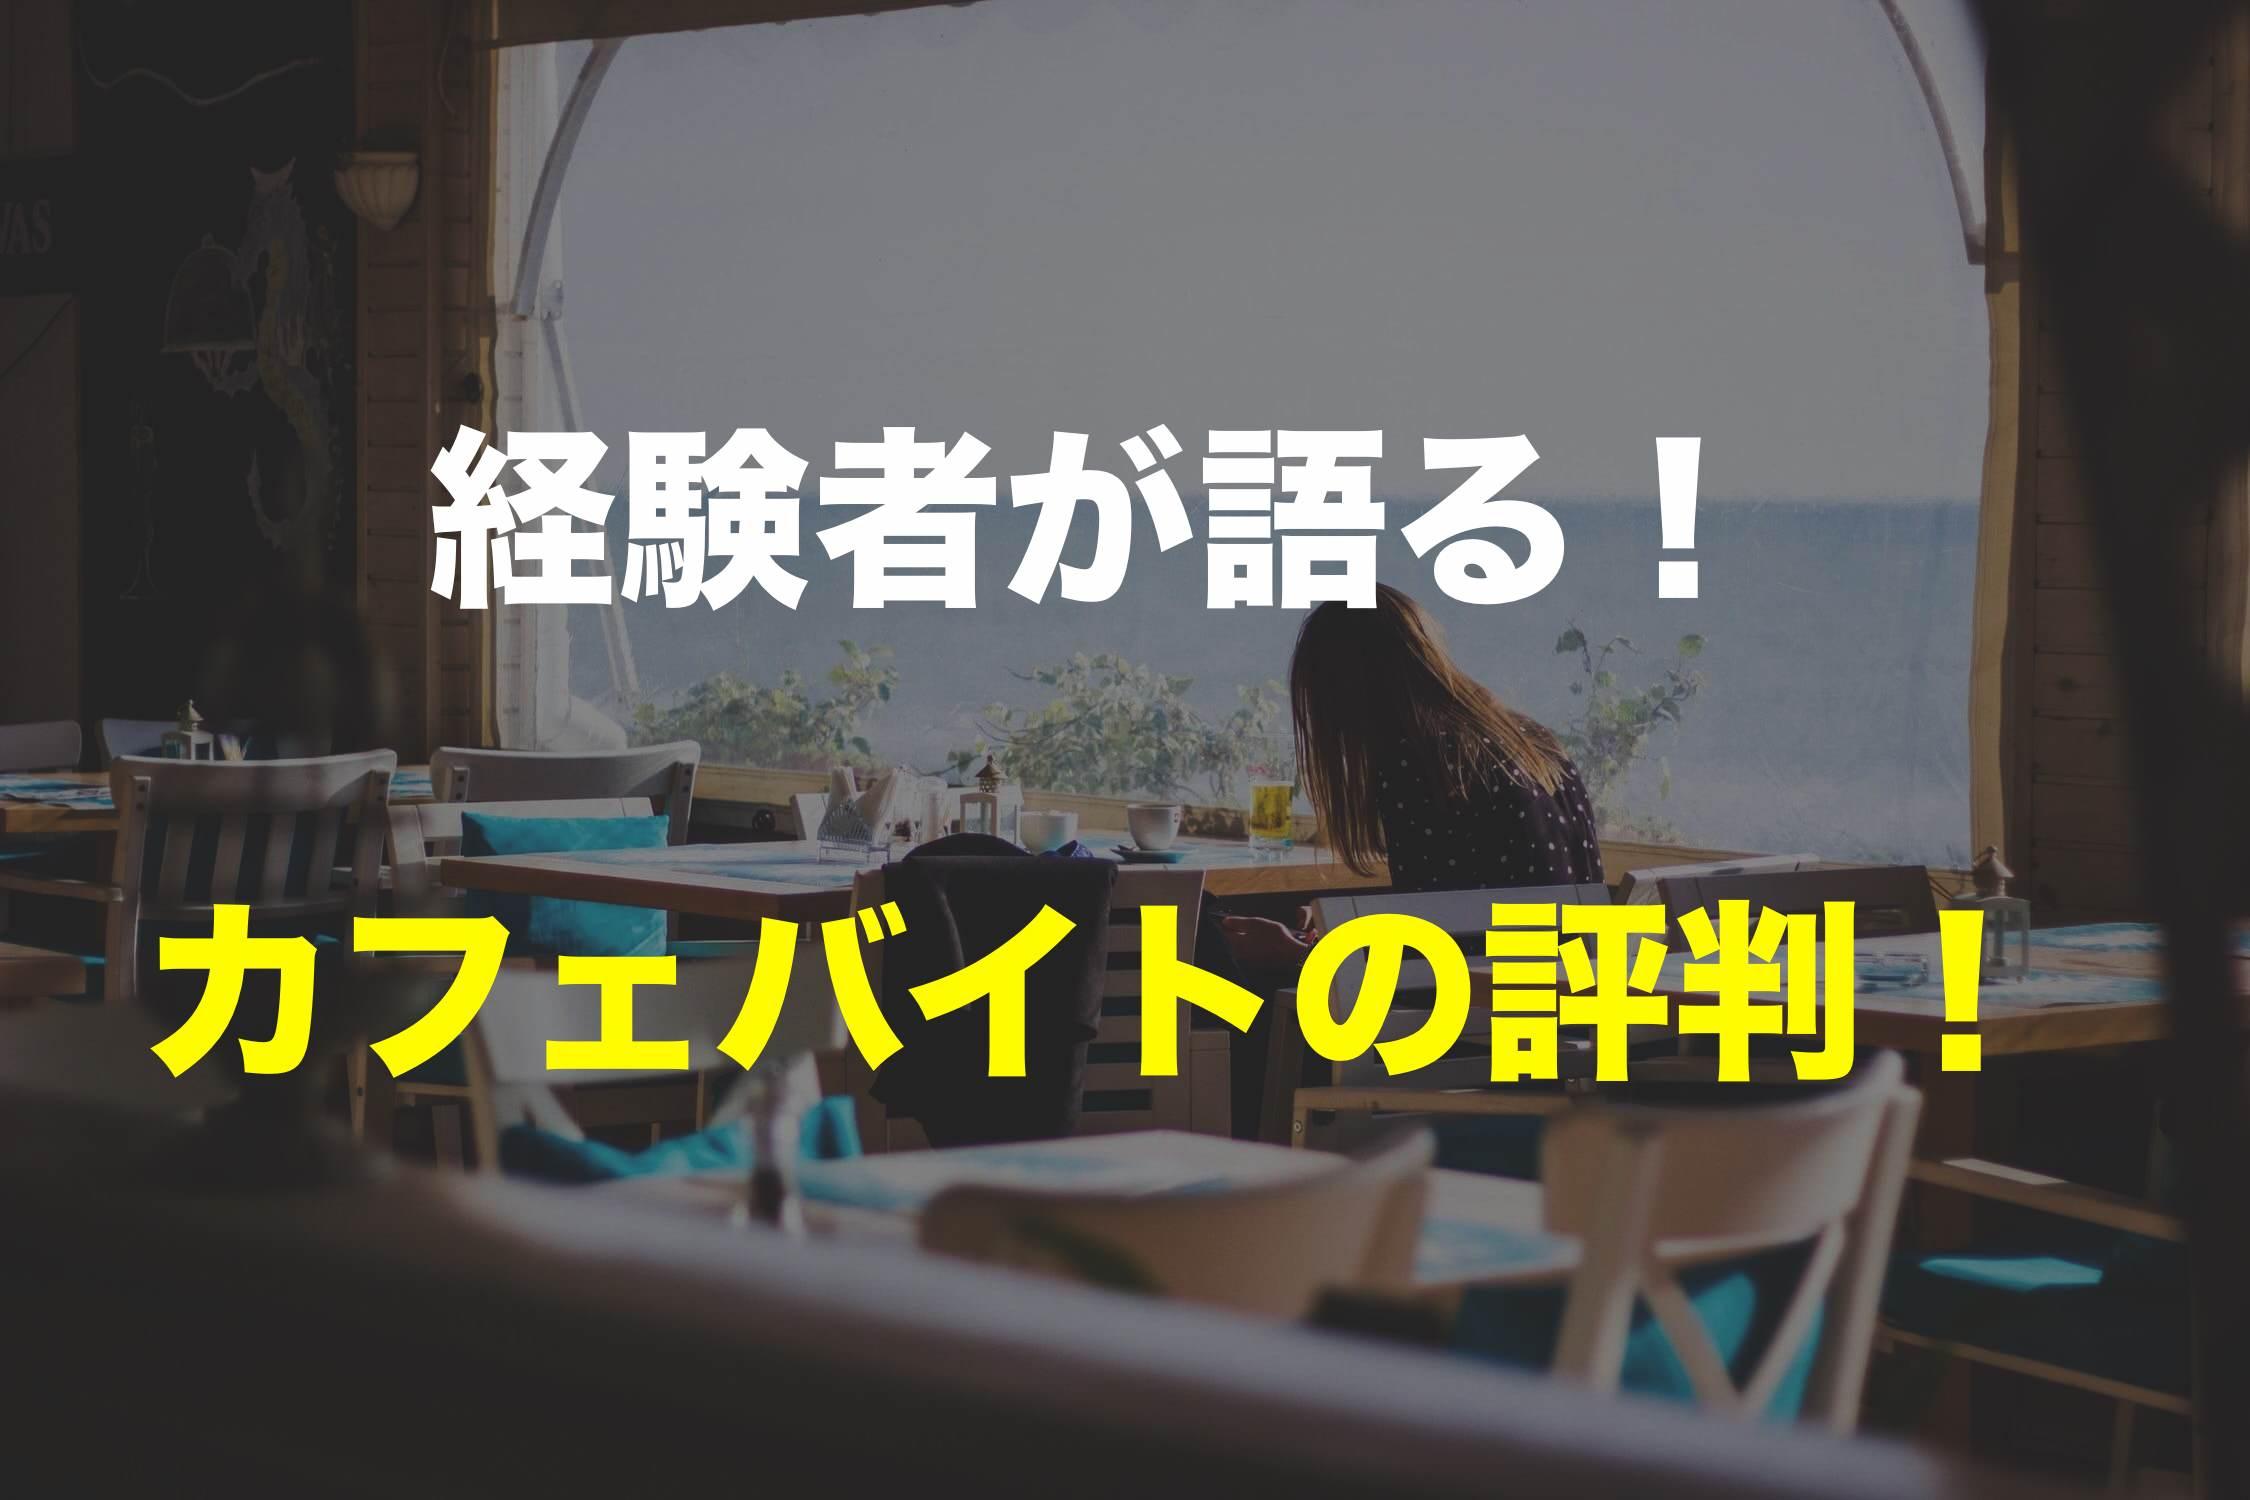 カフェ バイト 評判